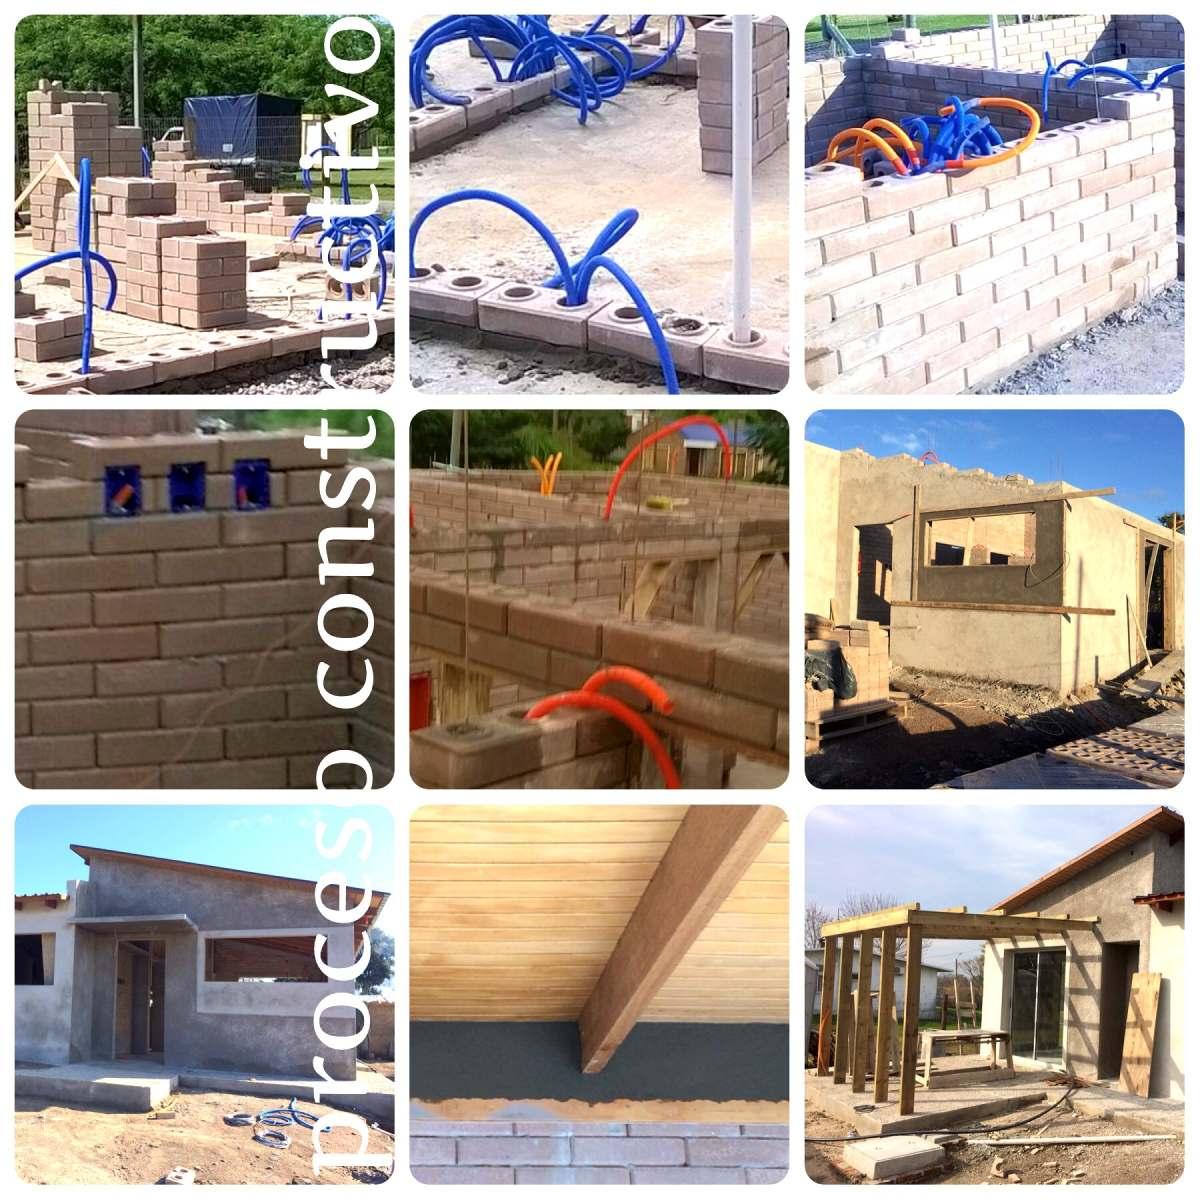 Casas prefabricadas ecoblock ladrillos modulares 1 dorm - Casas prefabricadas opiniones ...